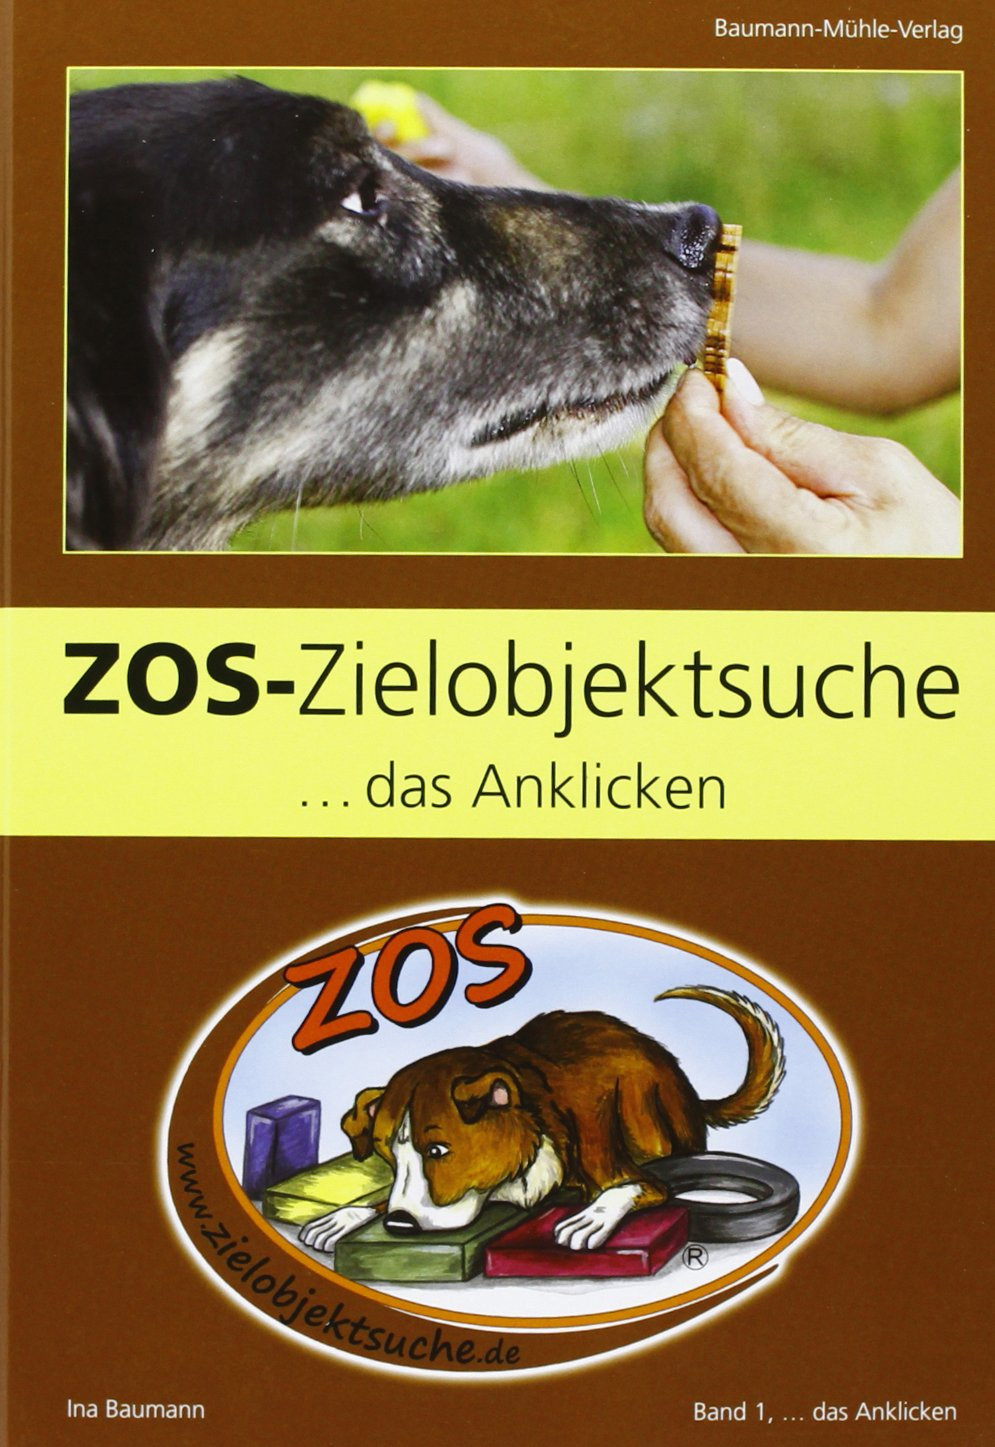 ... das Anklicken 01. ZOS-Zielobjektsuche Gebundenes Buch – 21. Juni 2012 Ina Baumann Baumann-Mühle Verlag 3938534044 Tiere / Jagen / Angeln